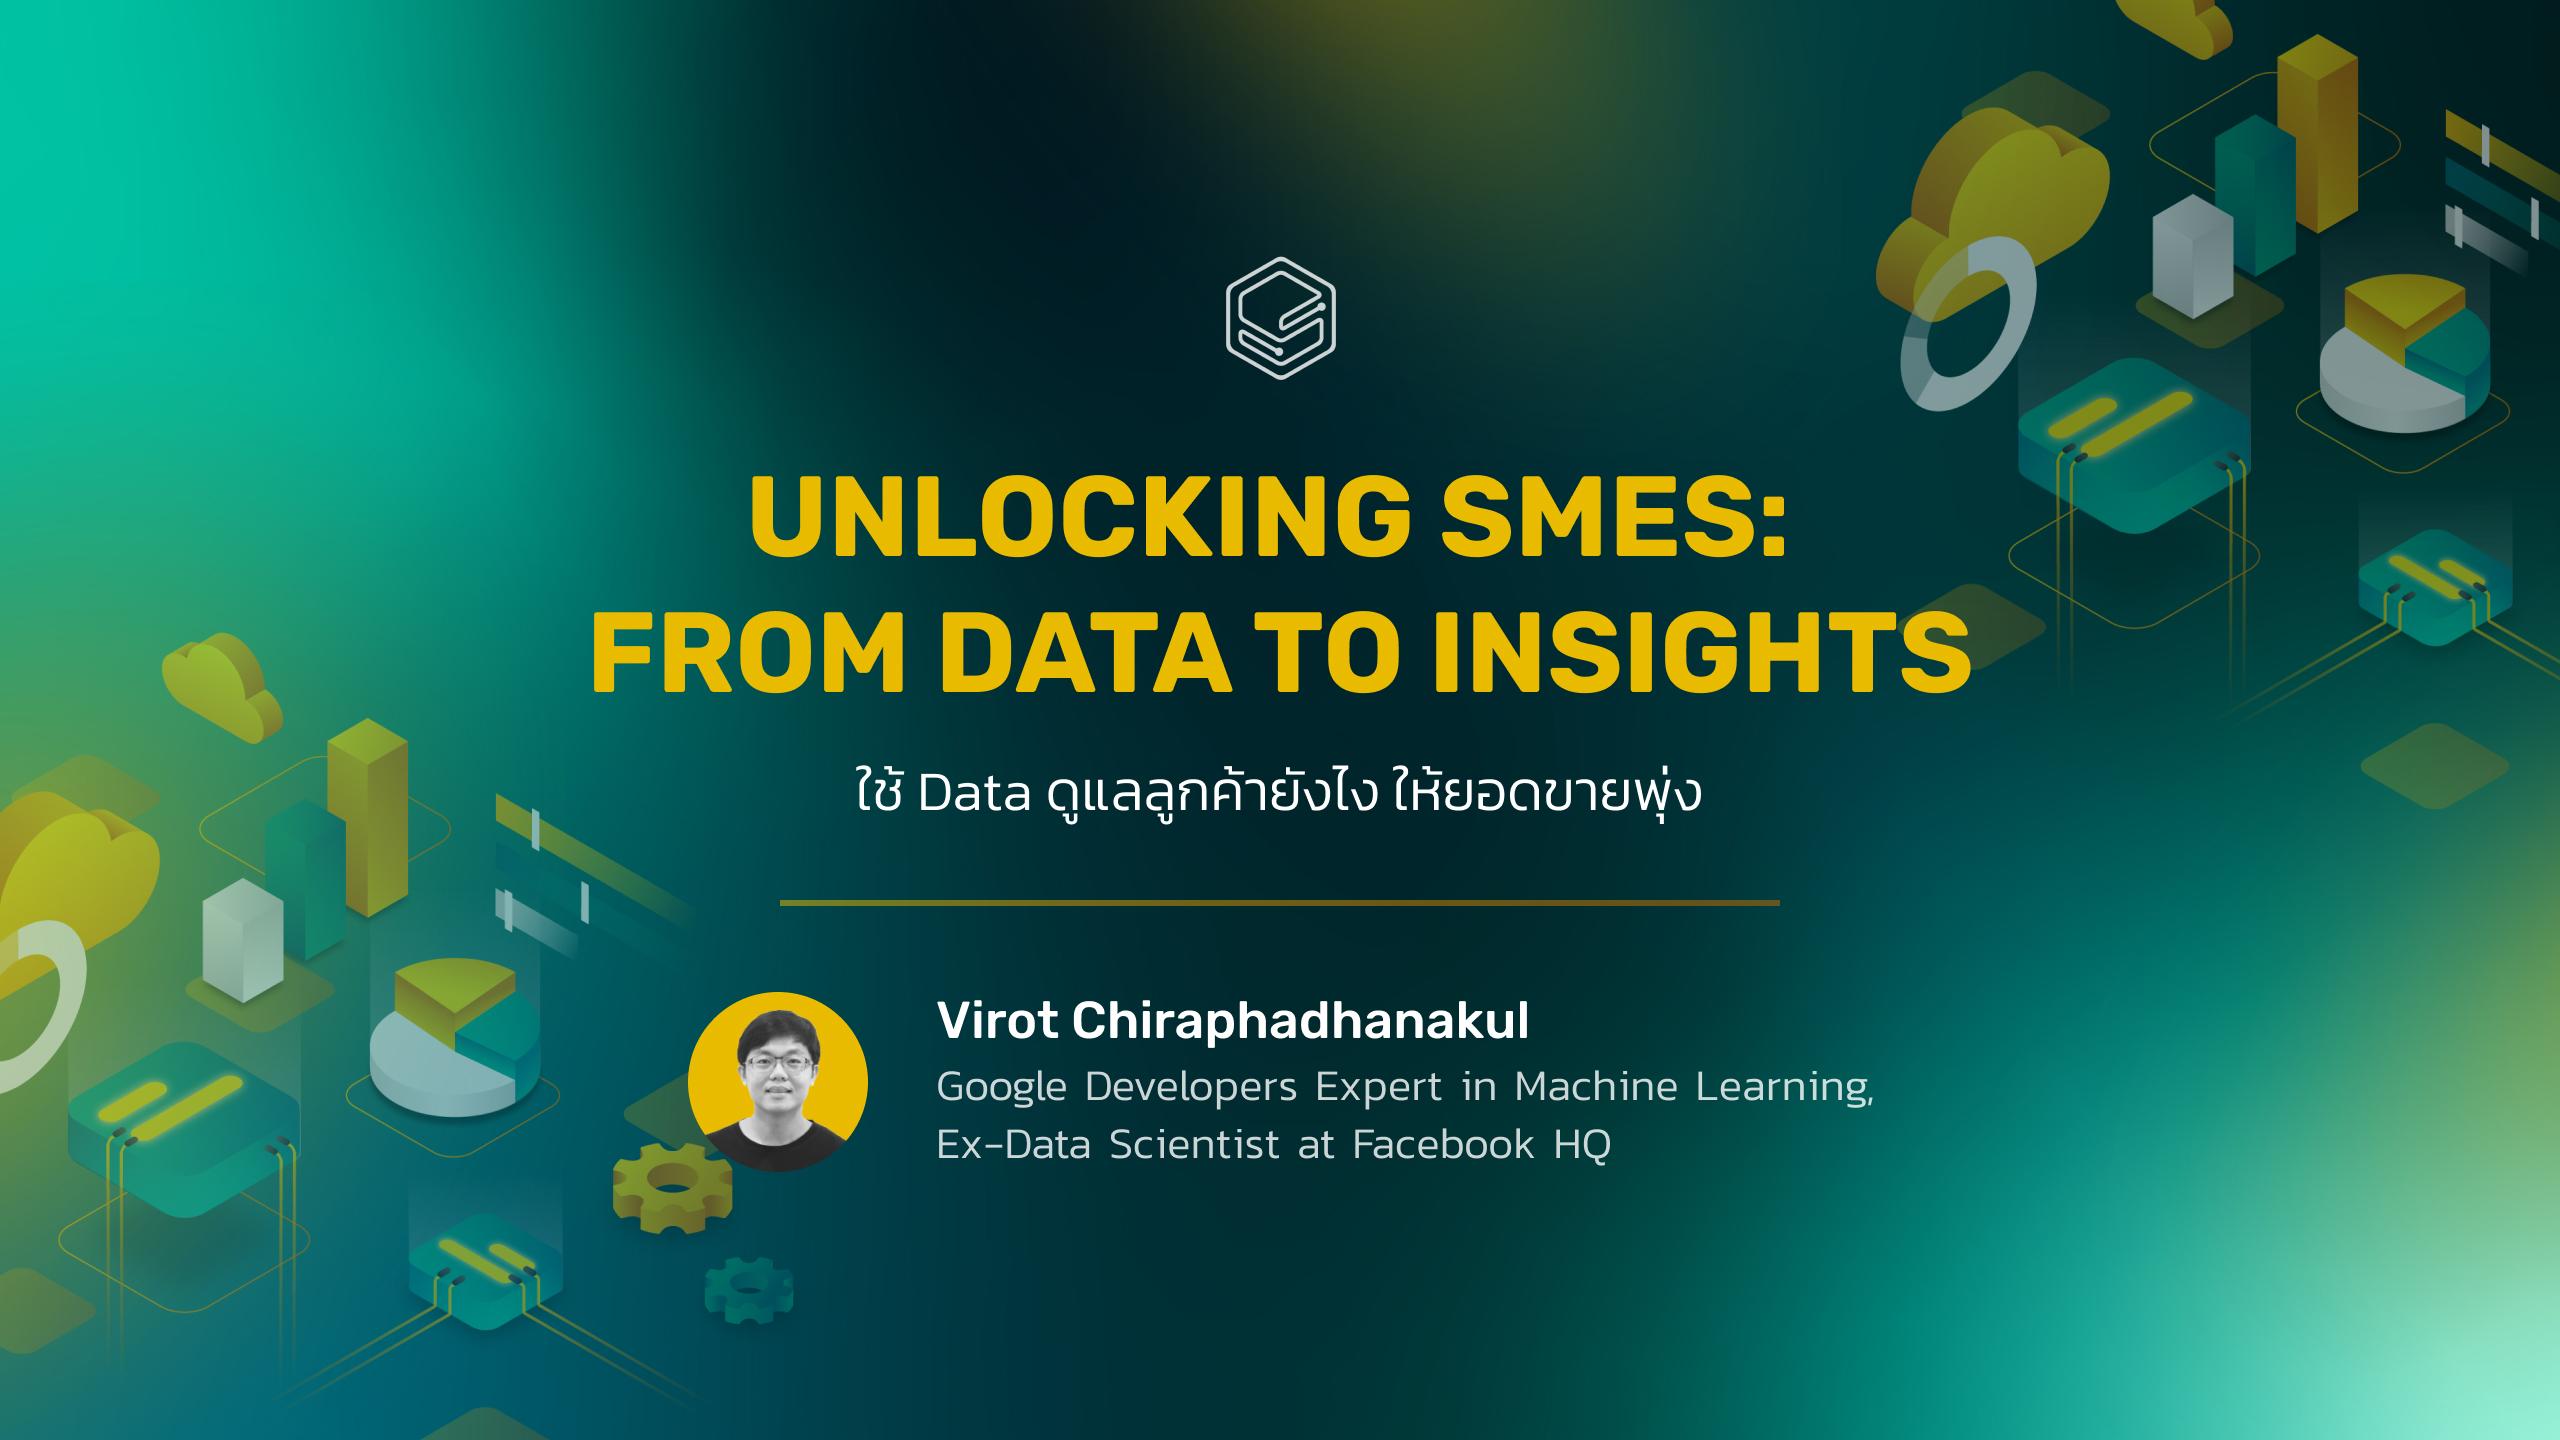 ใช้ Data ดูแลลูกค้ายังไง  ให้ยอดขายพุ่ง!   Skooldio Workshop: Unlocking SMEs: From Data to Insights